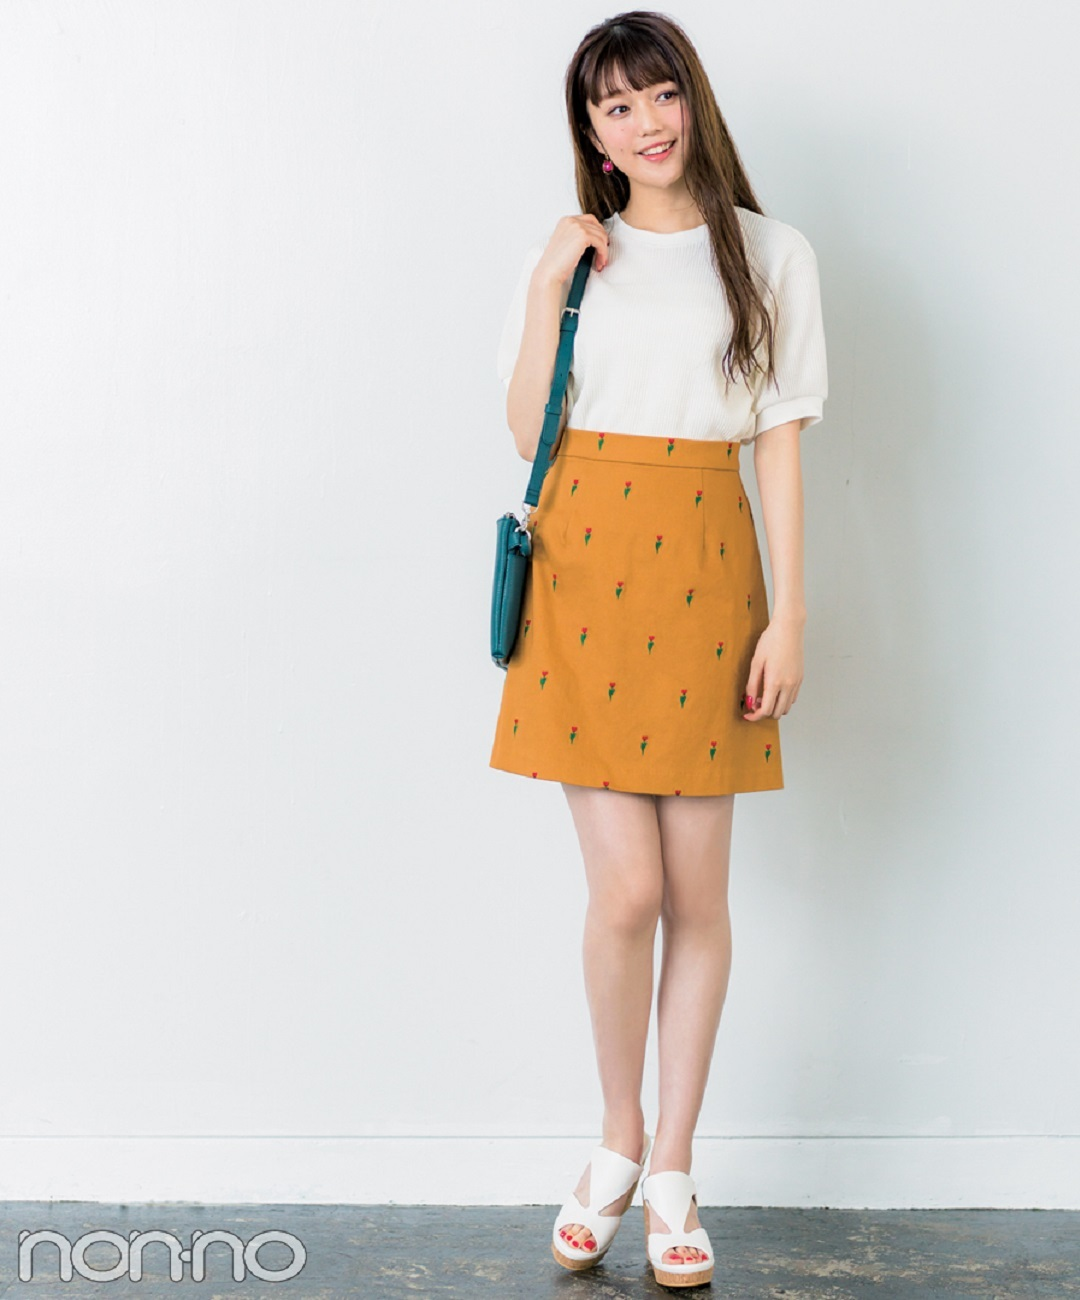 【夏のサンダルコーデ】江野沢愛美は、キャミソールワンピ×Tシャツ&スニーカーでカジュアルミックスコーデ